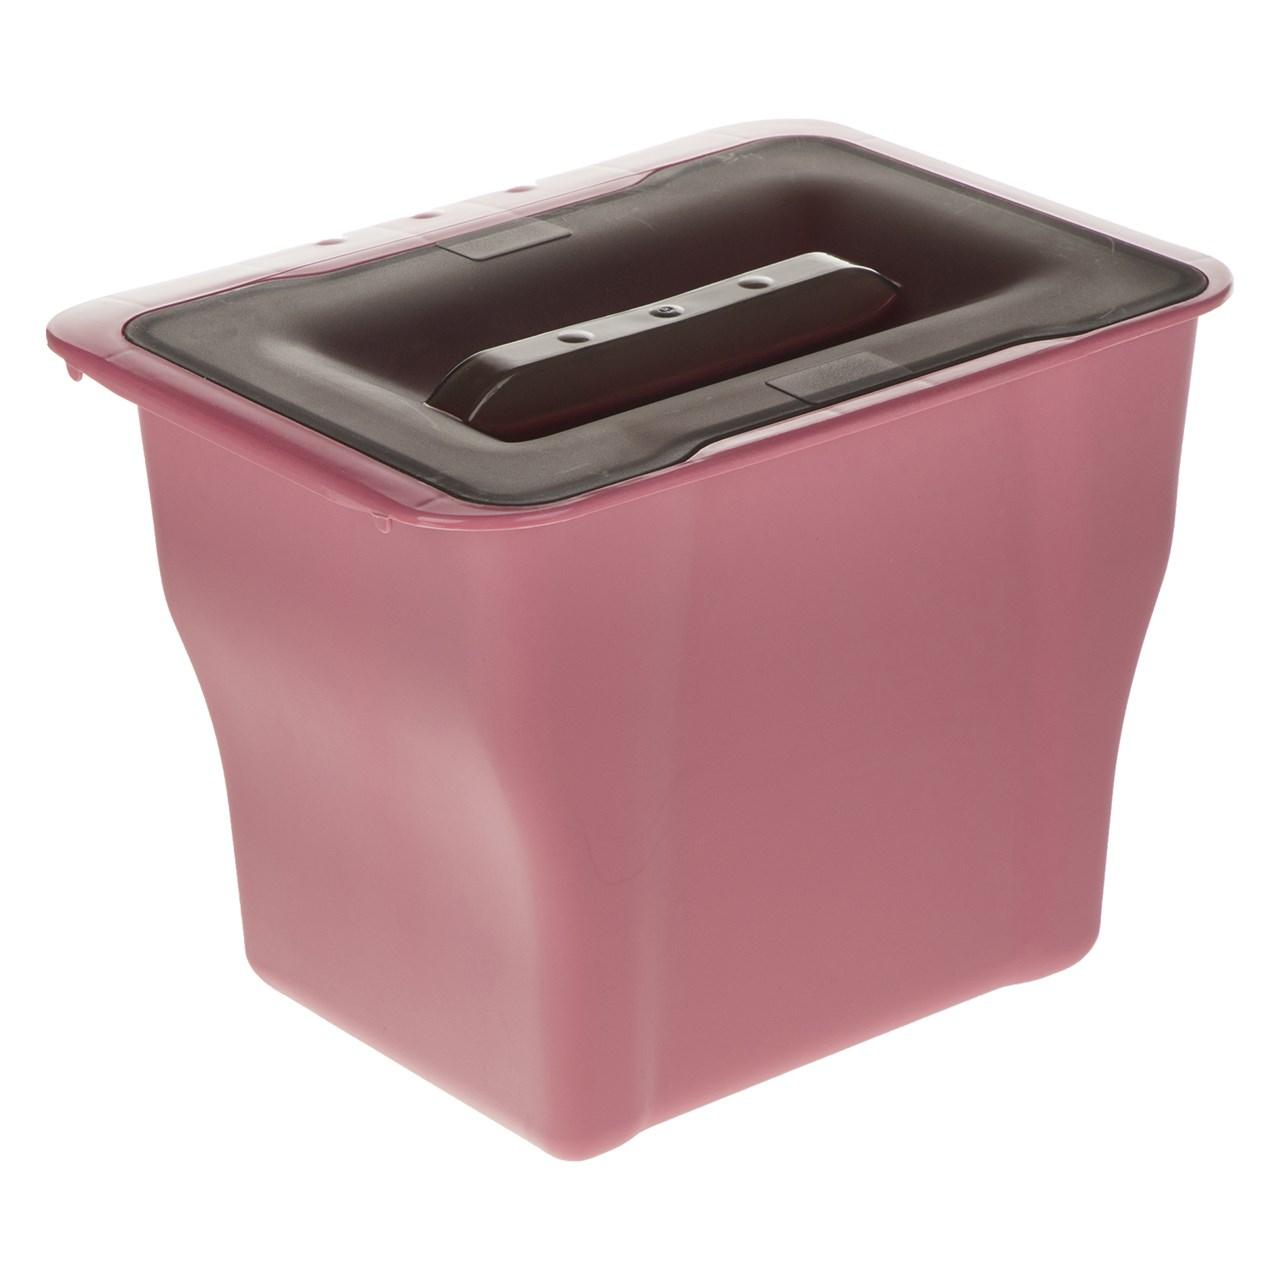 سطل زباله کابینتی بیتا کد 282